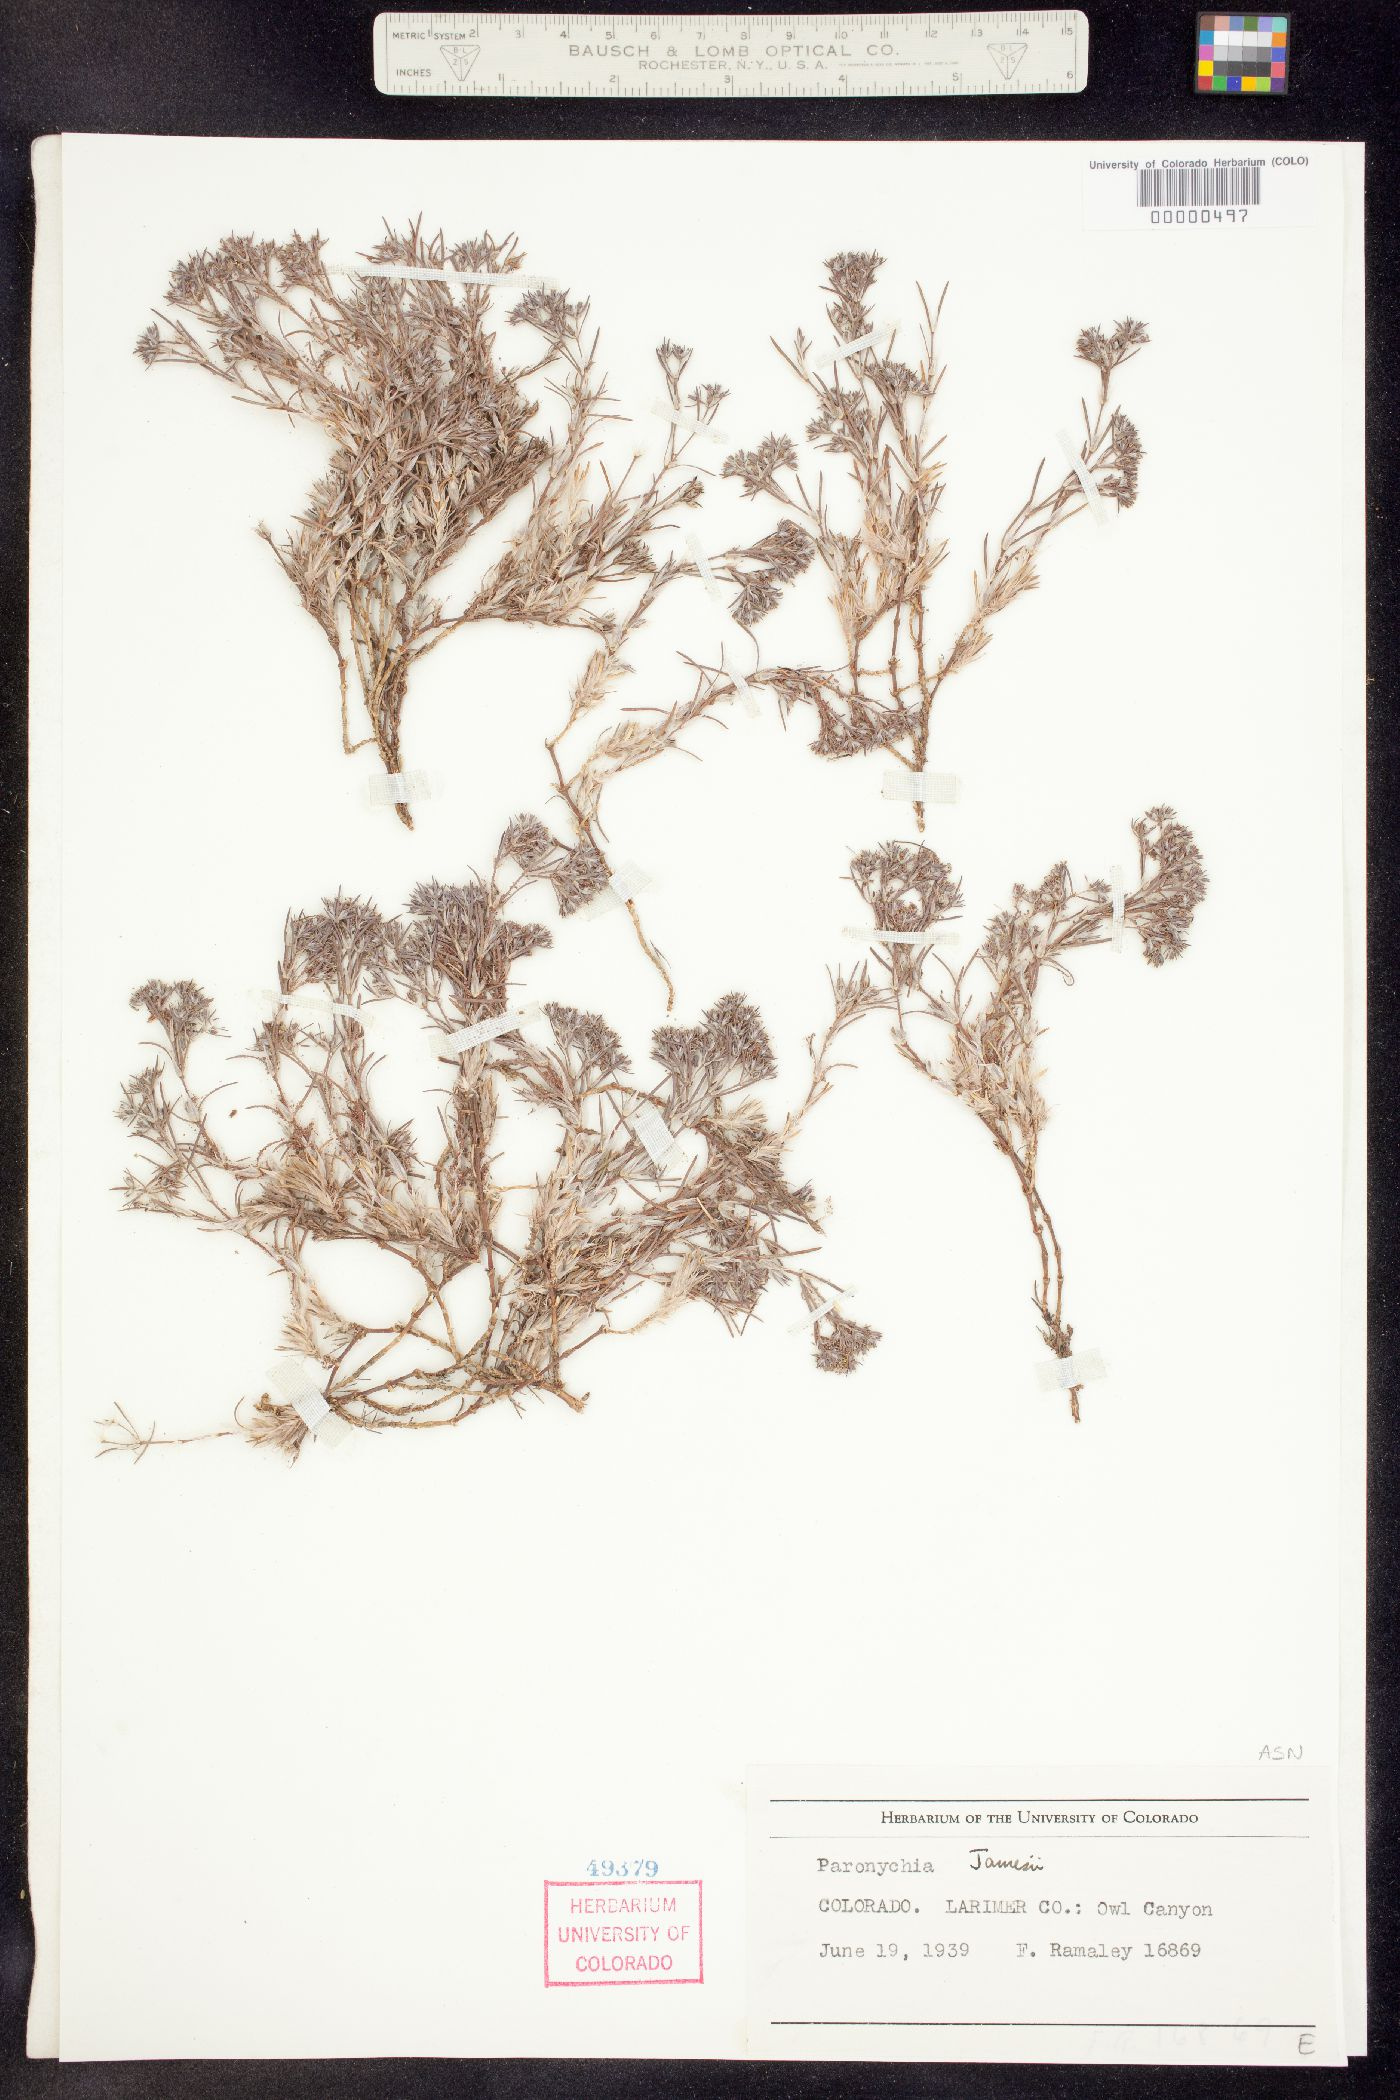 Paronychia image